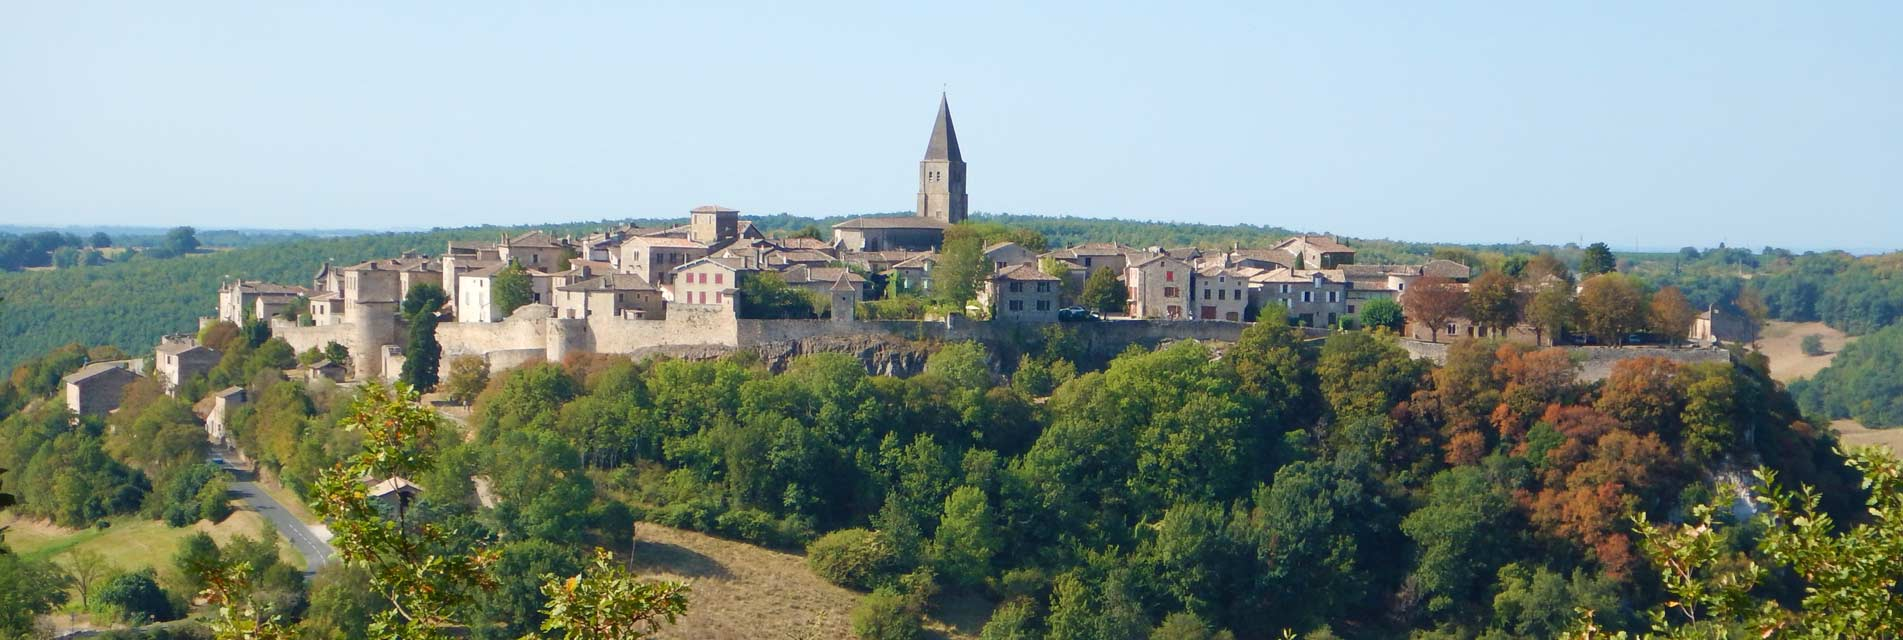 Ville de Puycelsi dans le Tarn